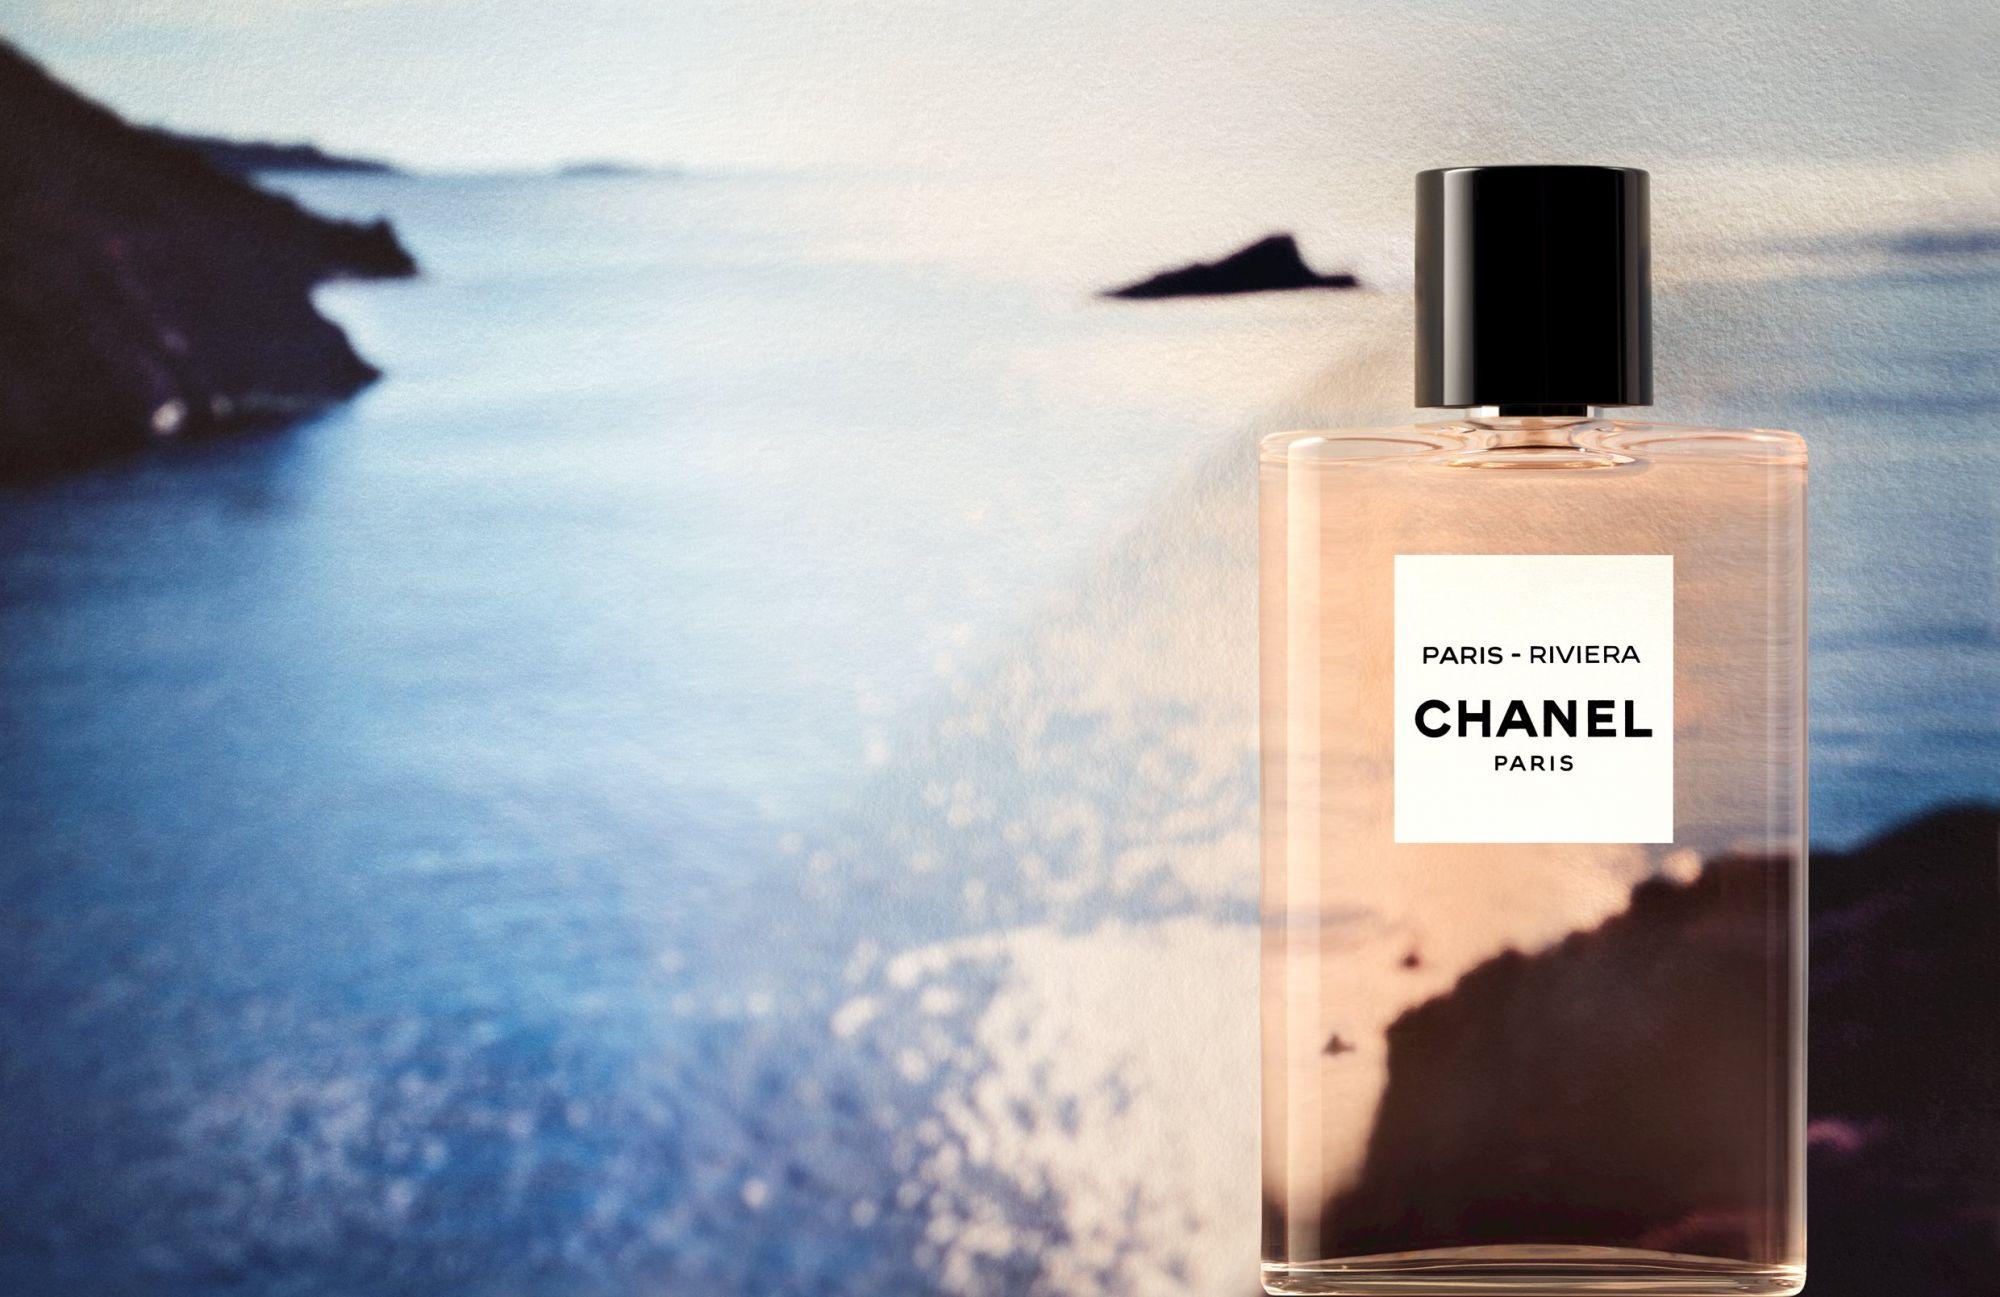 噴上LES EAUX香奈兒淡香水,在蔚藍海岸展開一趟與自己和解的旅行